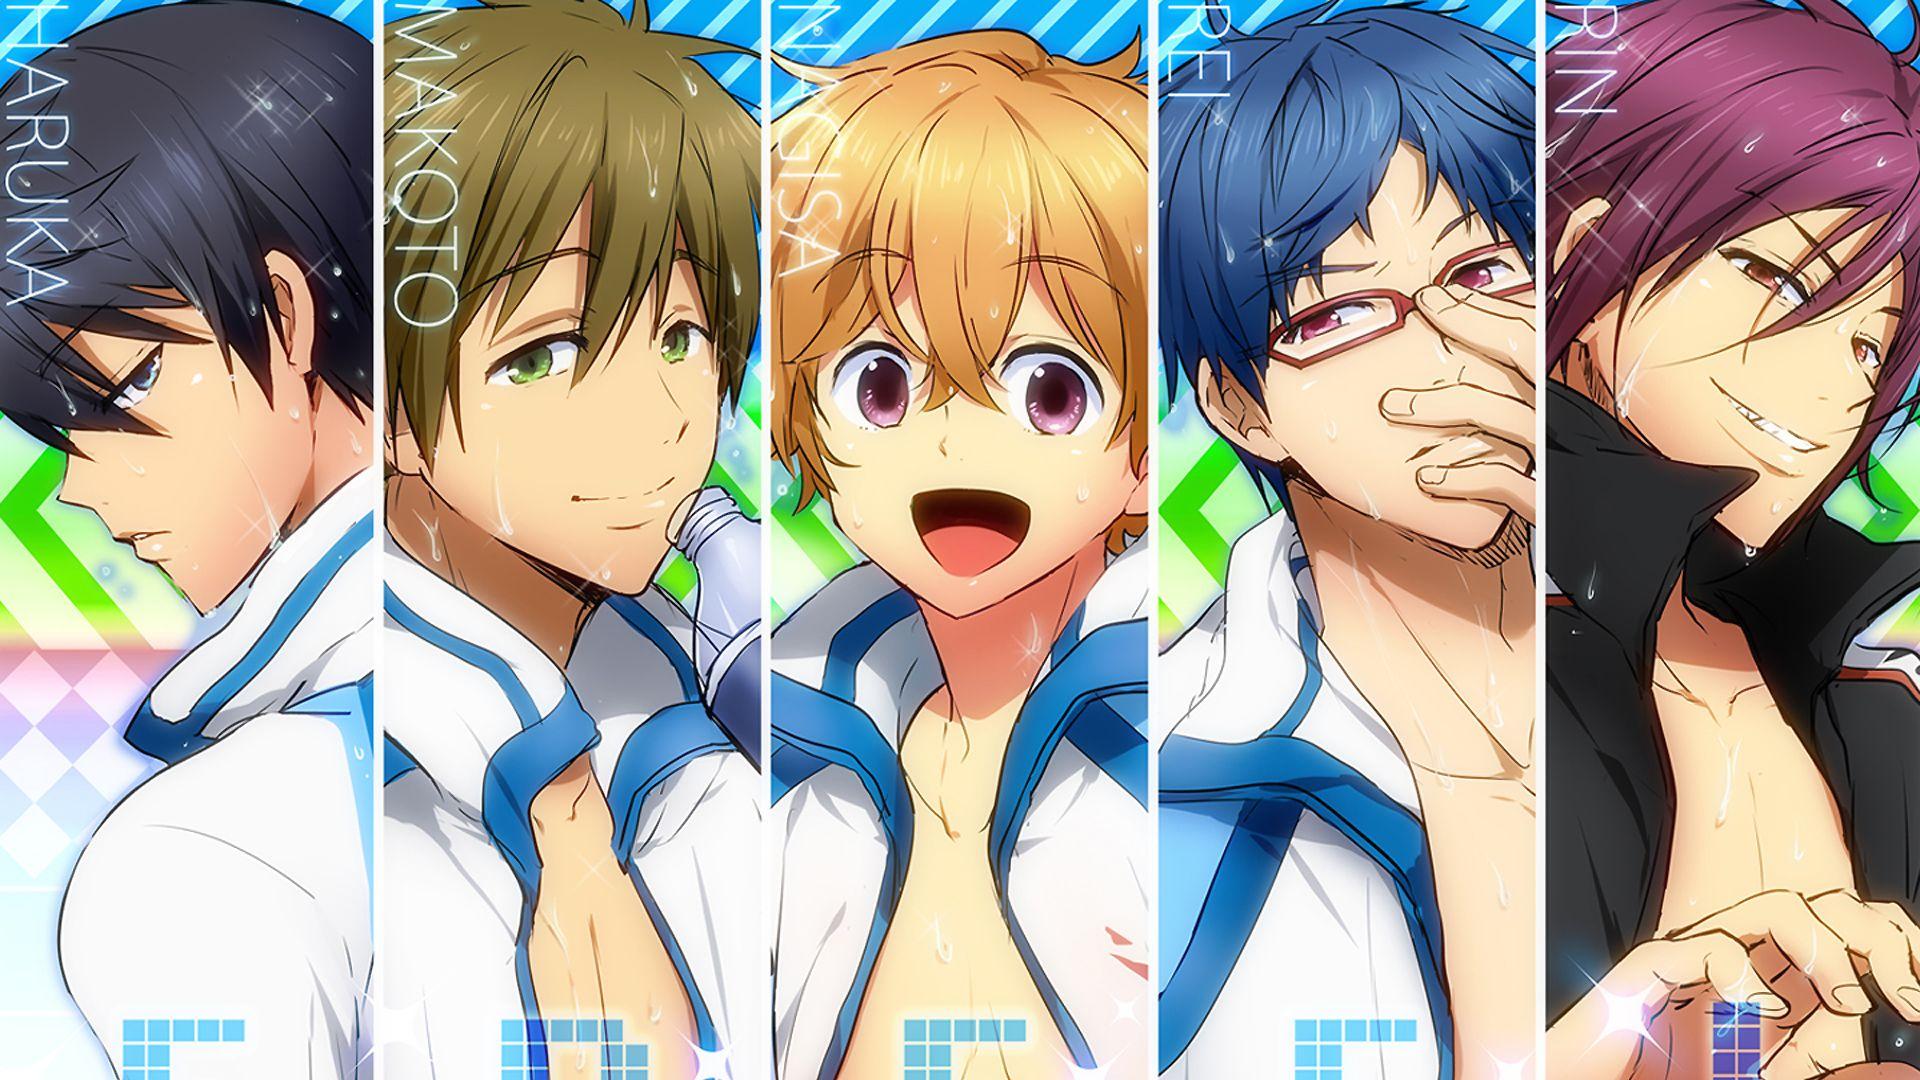 Pin By Brooklyn Brown On Free Iwatobi Swim Club Free Iwatobi Swim Club Swimming Anime Anime Anime free wallpaper hd